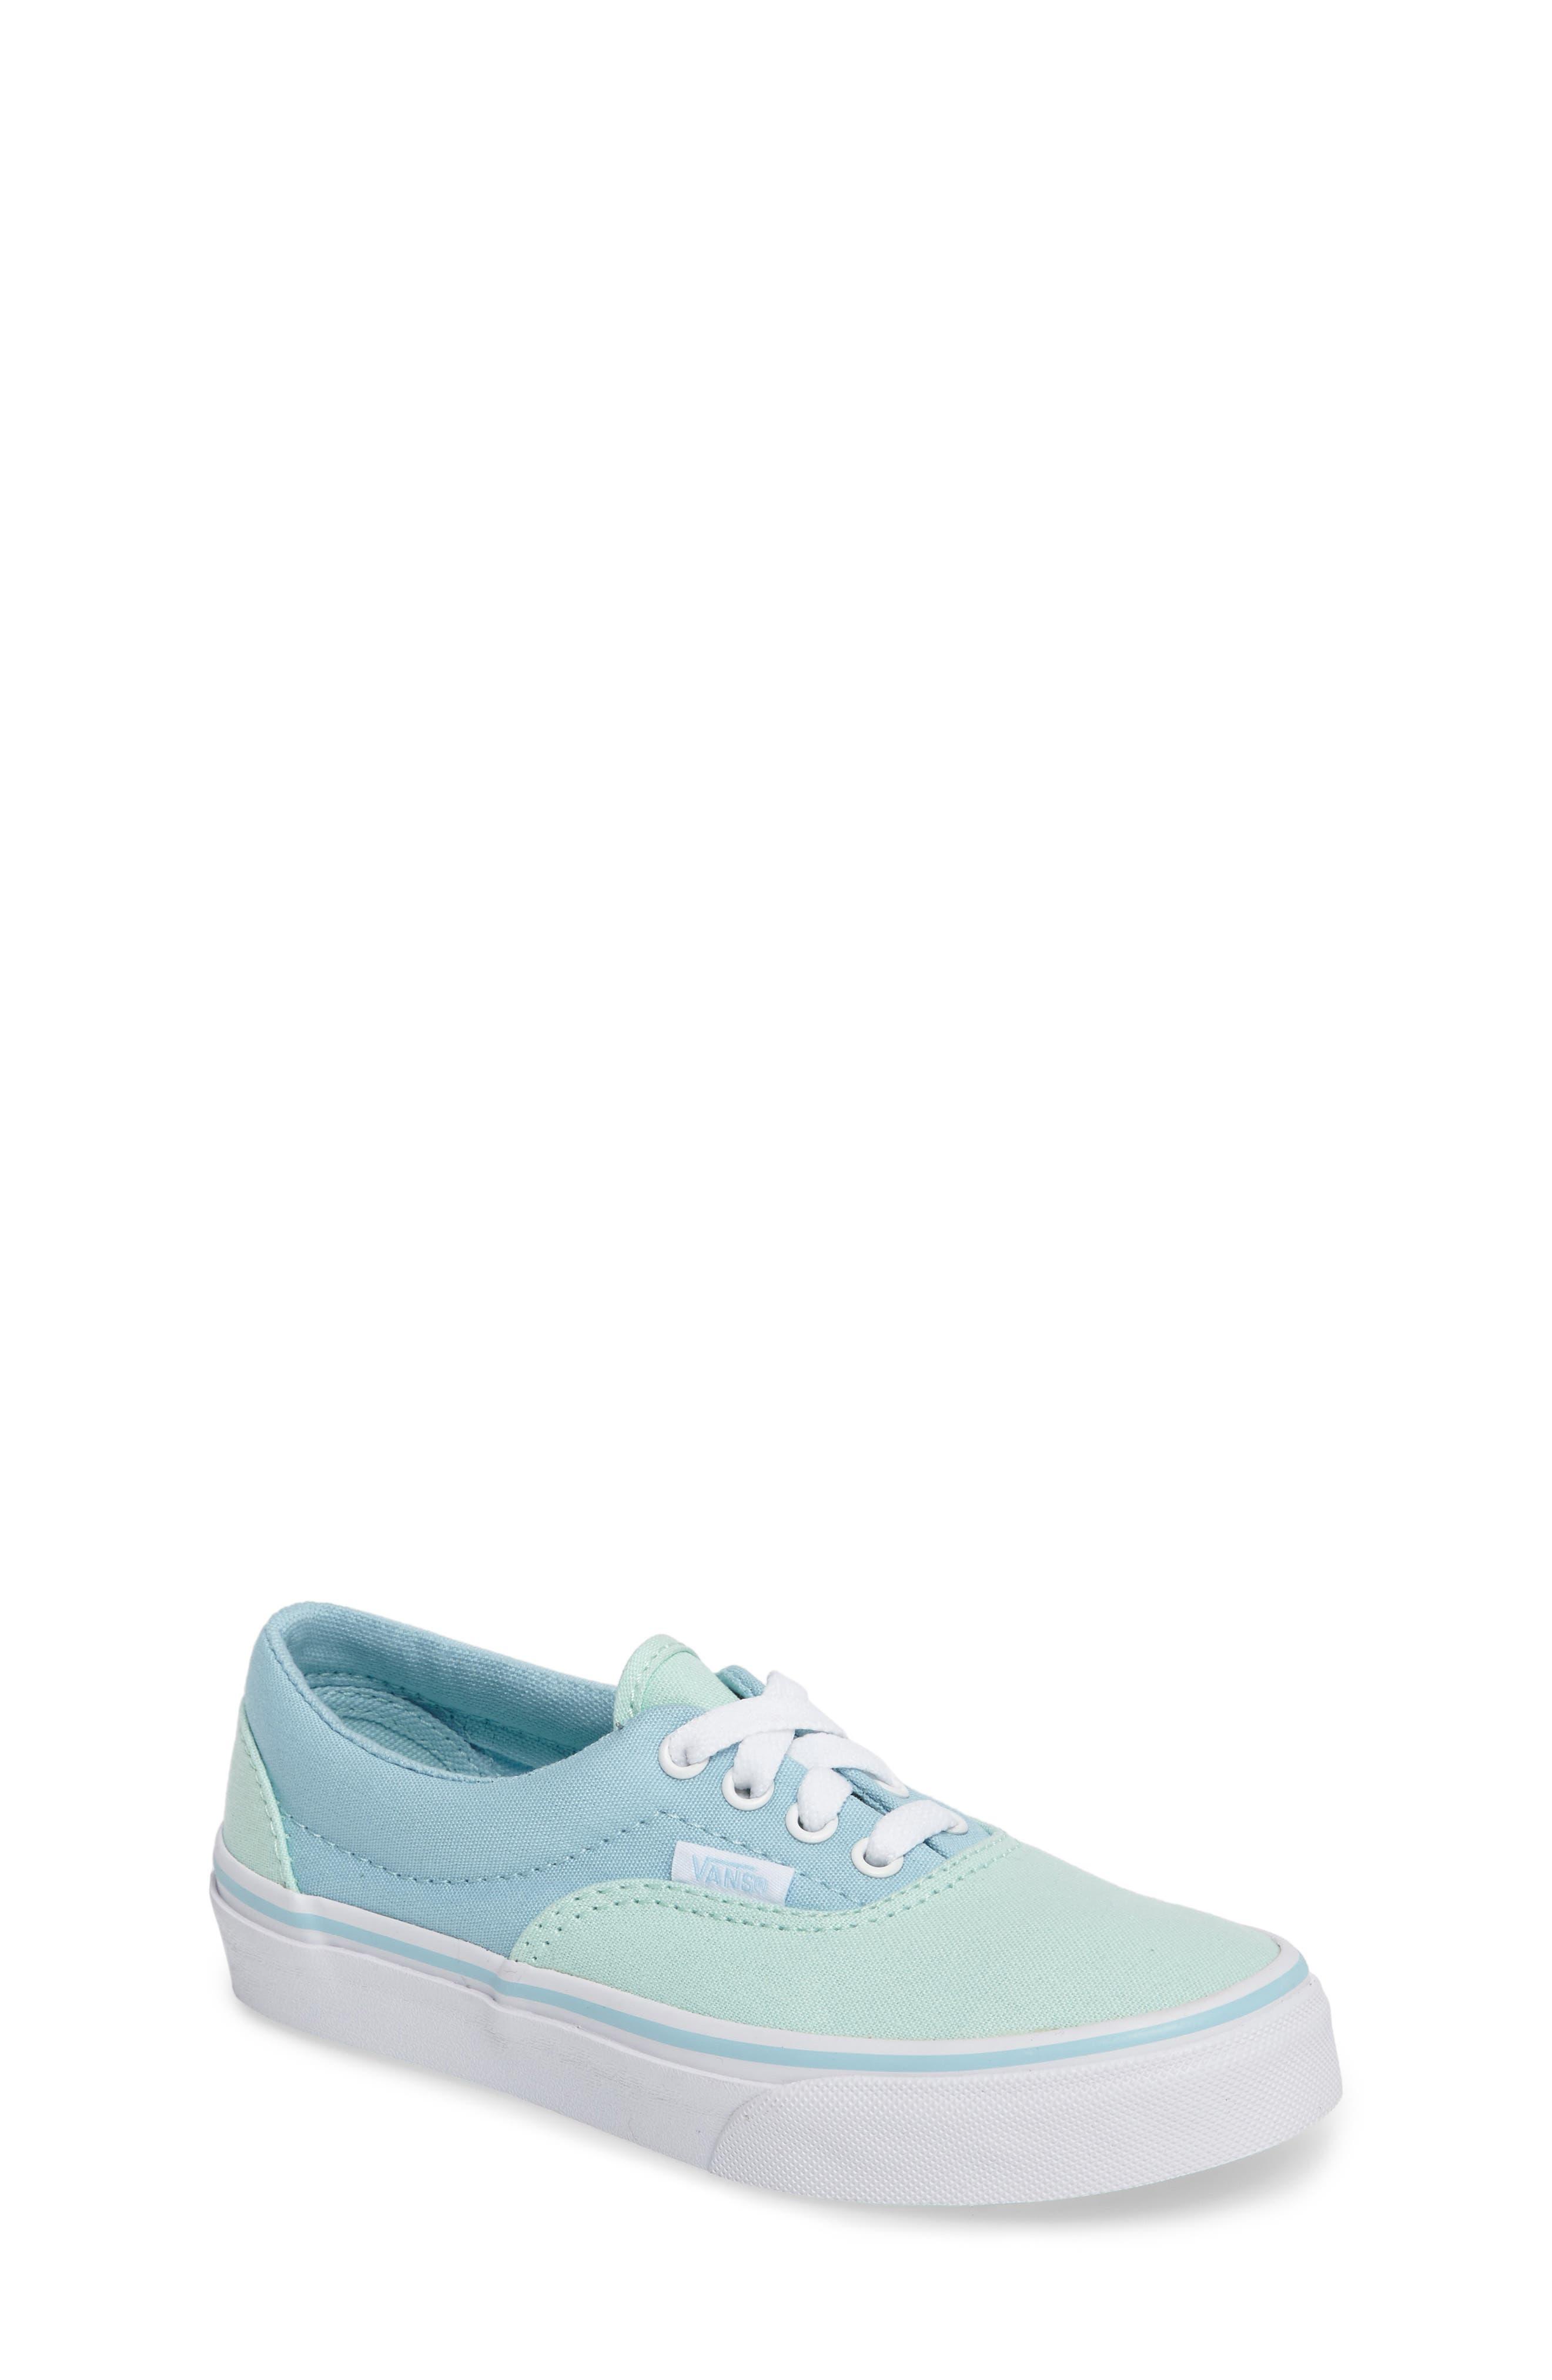 Vans Era Sneaker (Toddler, Little Kid & Big Kid)